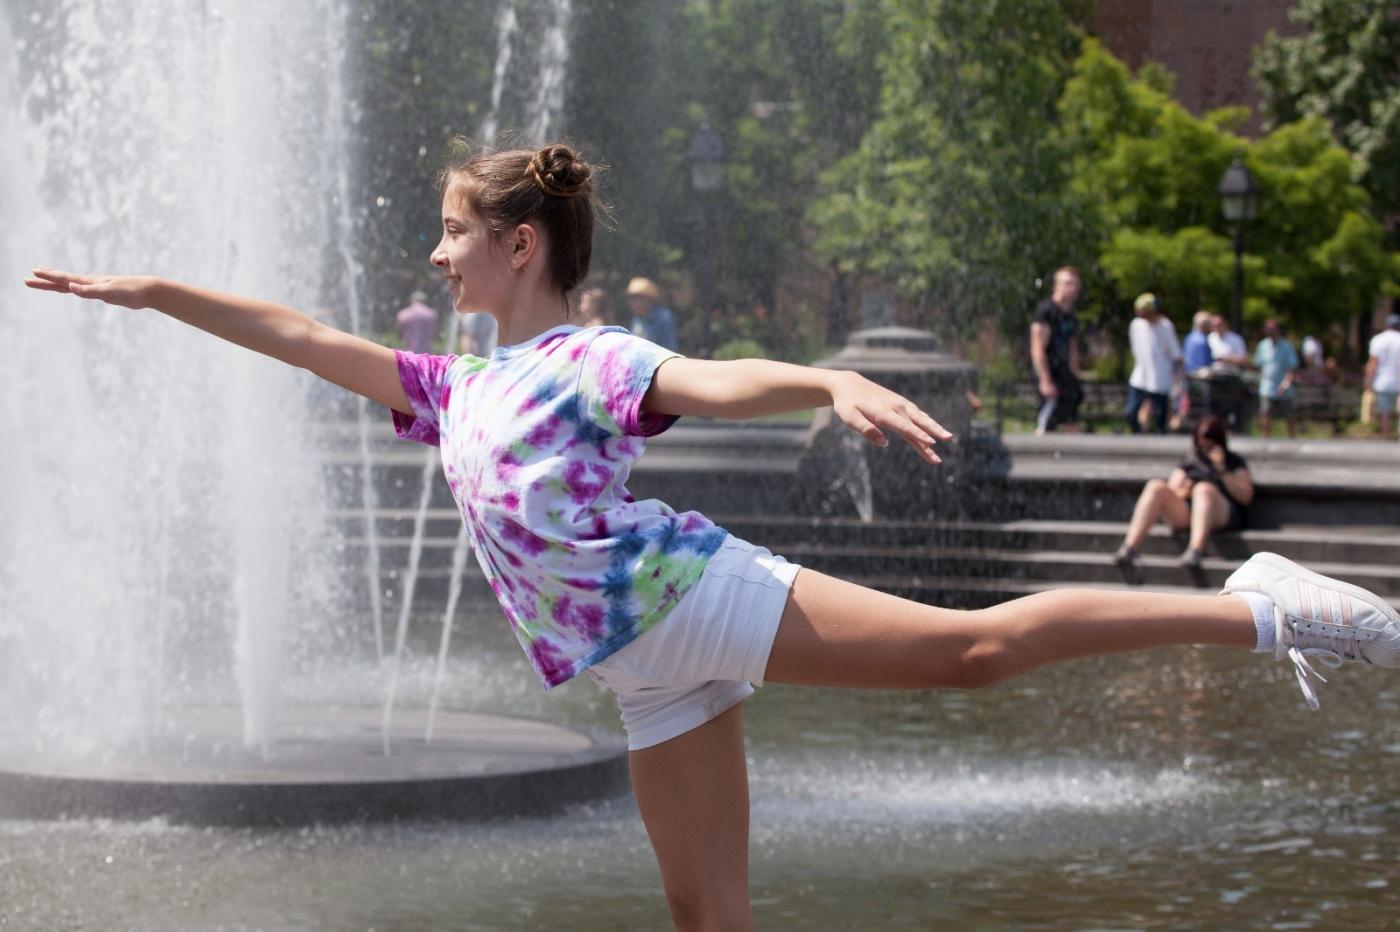 在喷水池中戏水的小孩,天真活泼(摄于纽约华盛顿广场喷水池) ... ... ..._图1-9